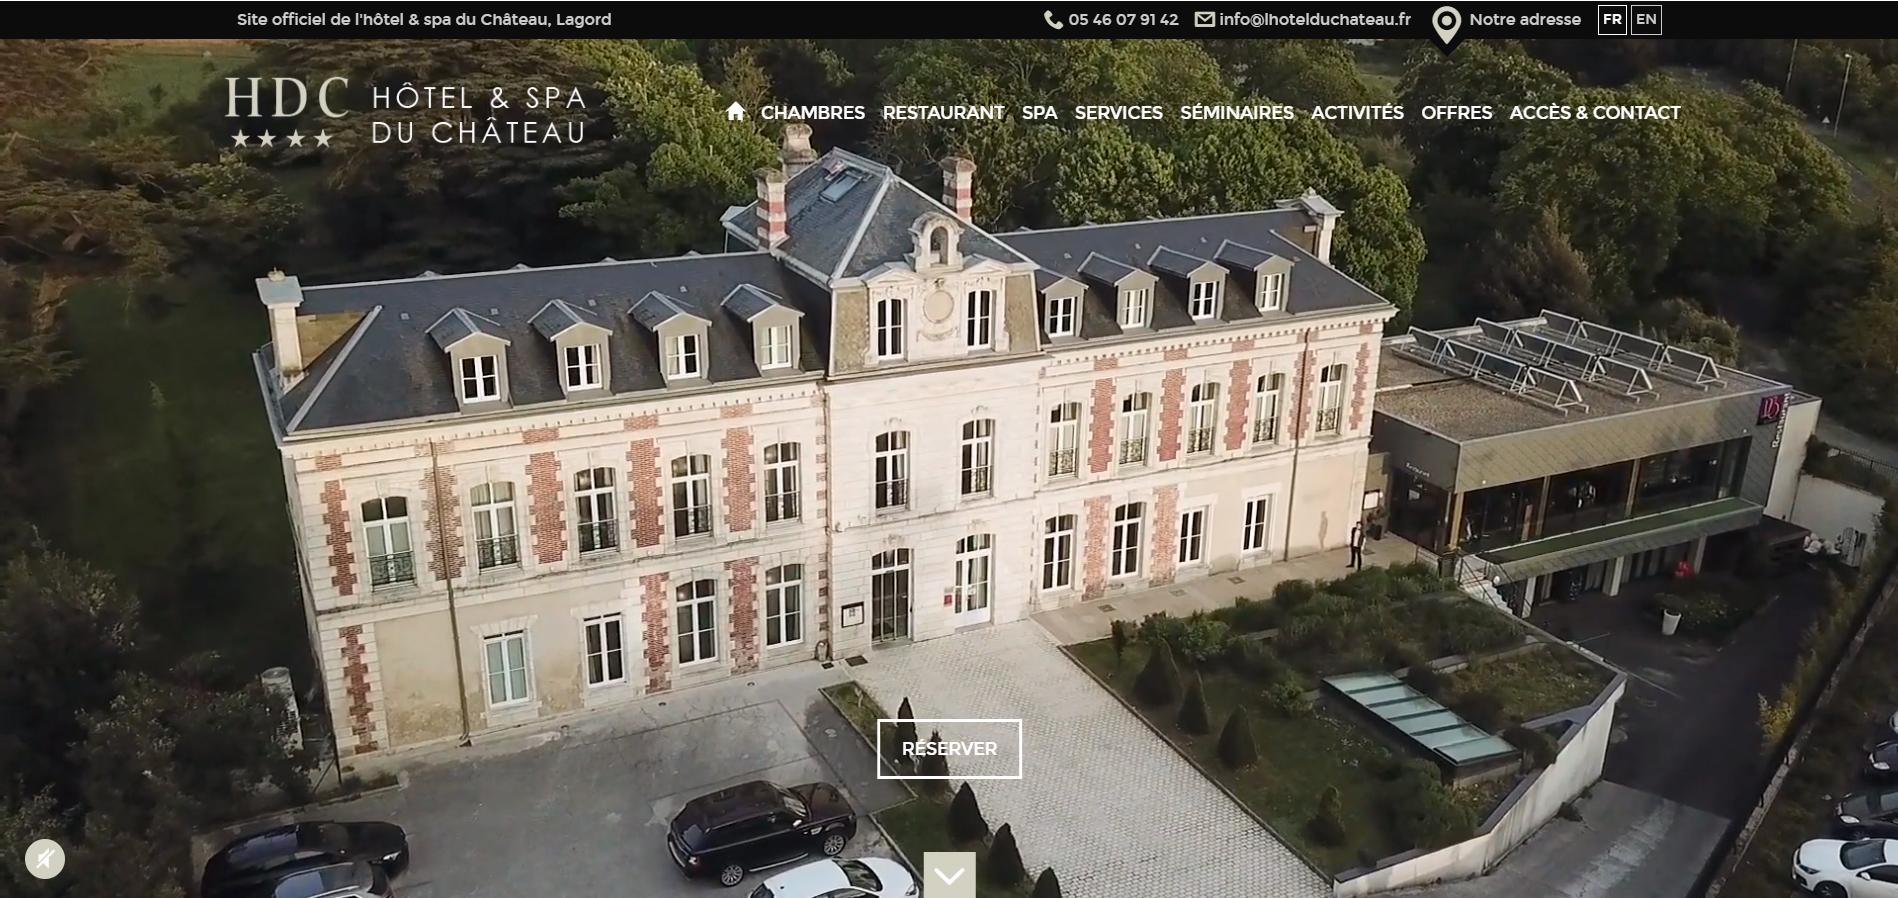 Exemple de Création d'un Site Internet d'un hôtel Spa 4 étoiles par l'agence web Eskale